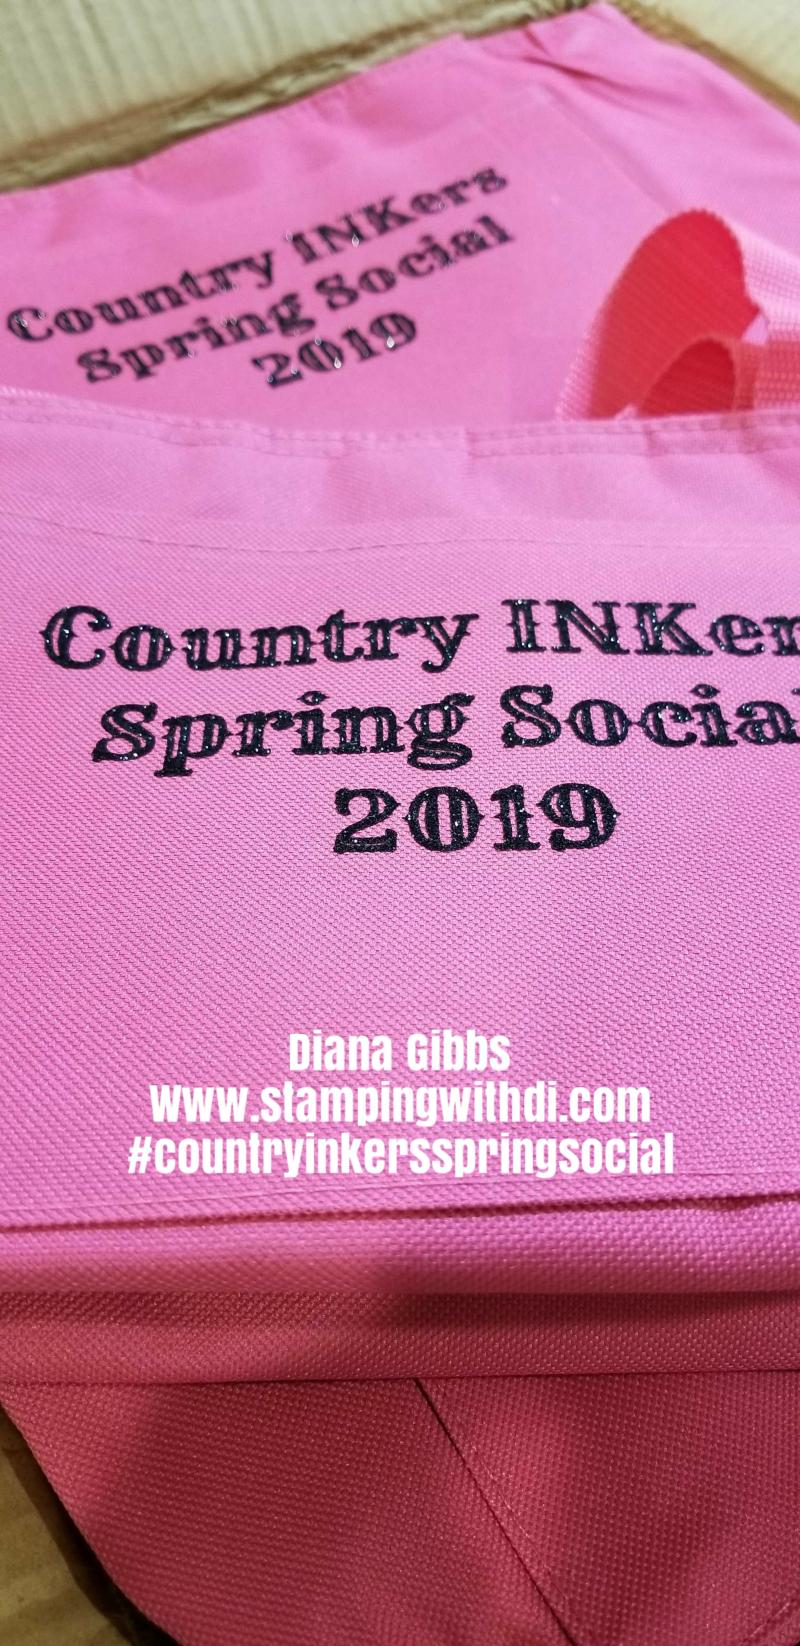 Country inkers spring social sneak peek